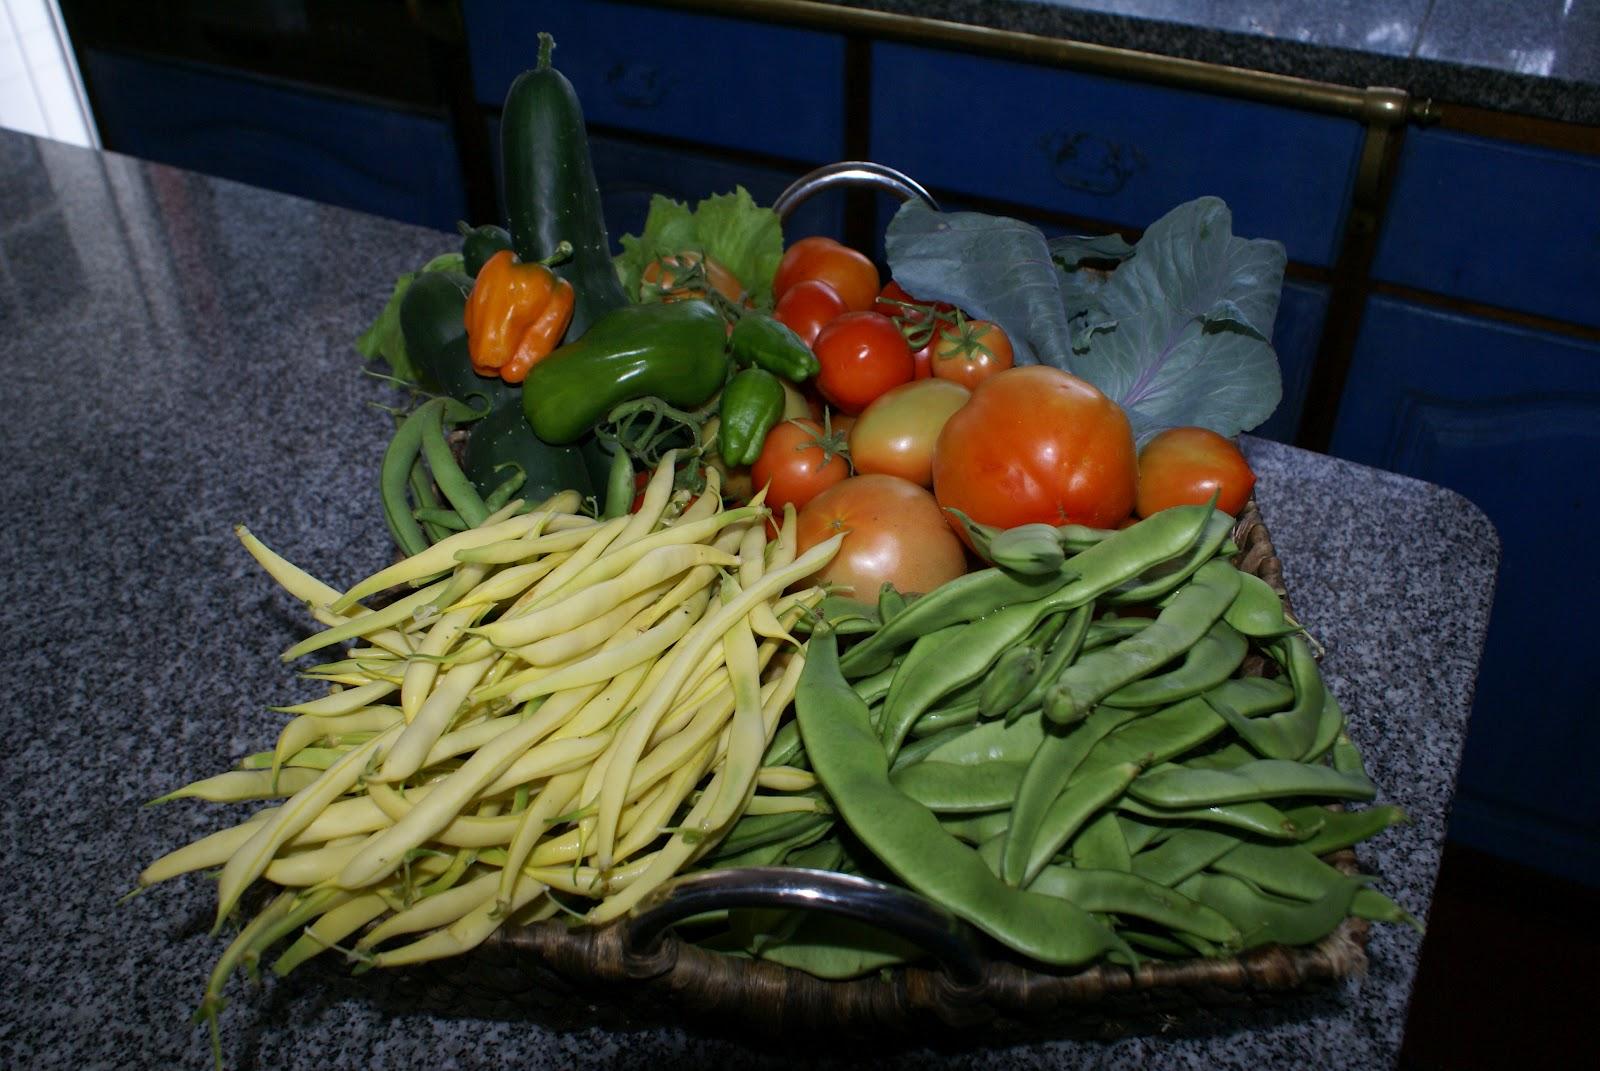 horta jardim e pomar:possível e retirar o máximo proveito e prazer das culturas